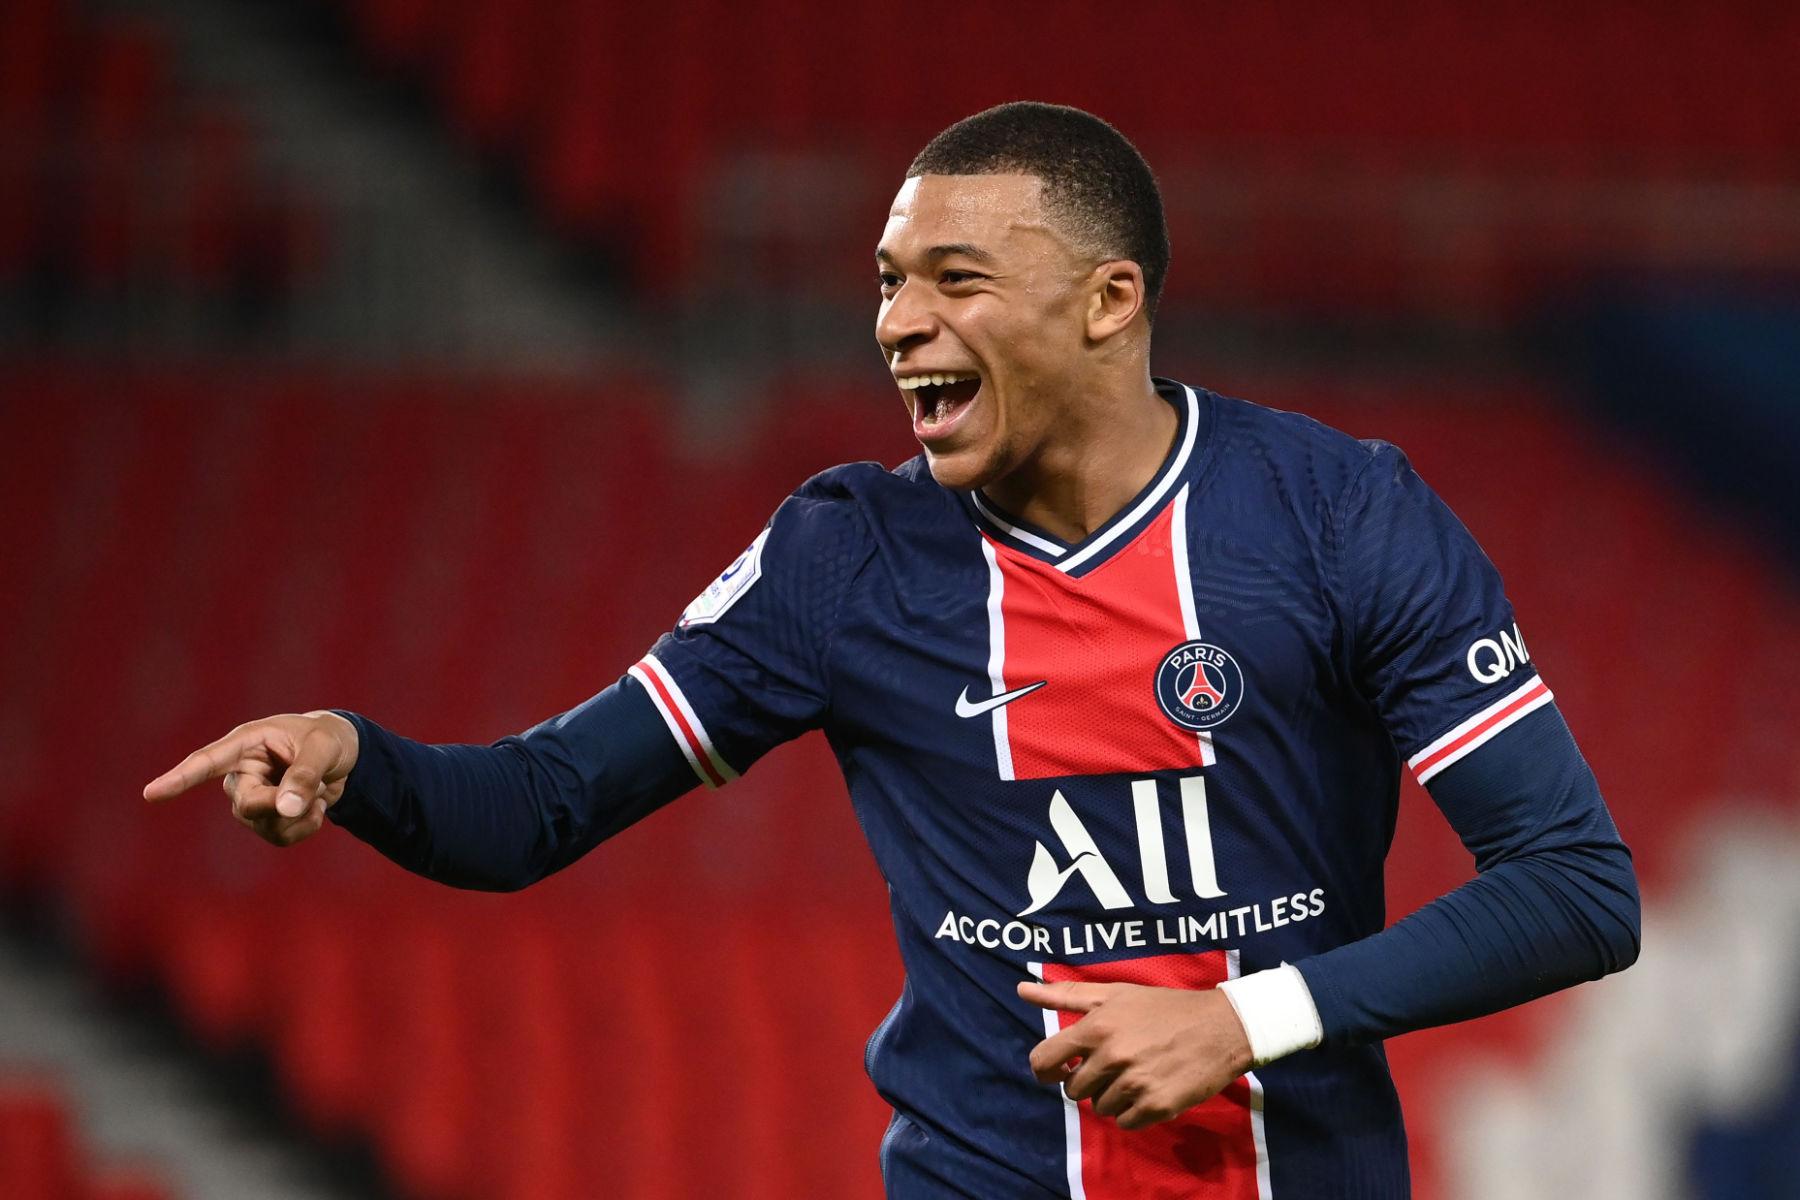 Đội hình tiêu biểu vòng 1 Ligue 1: Mbappe trở lại  - Bóng Đá